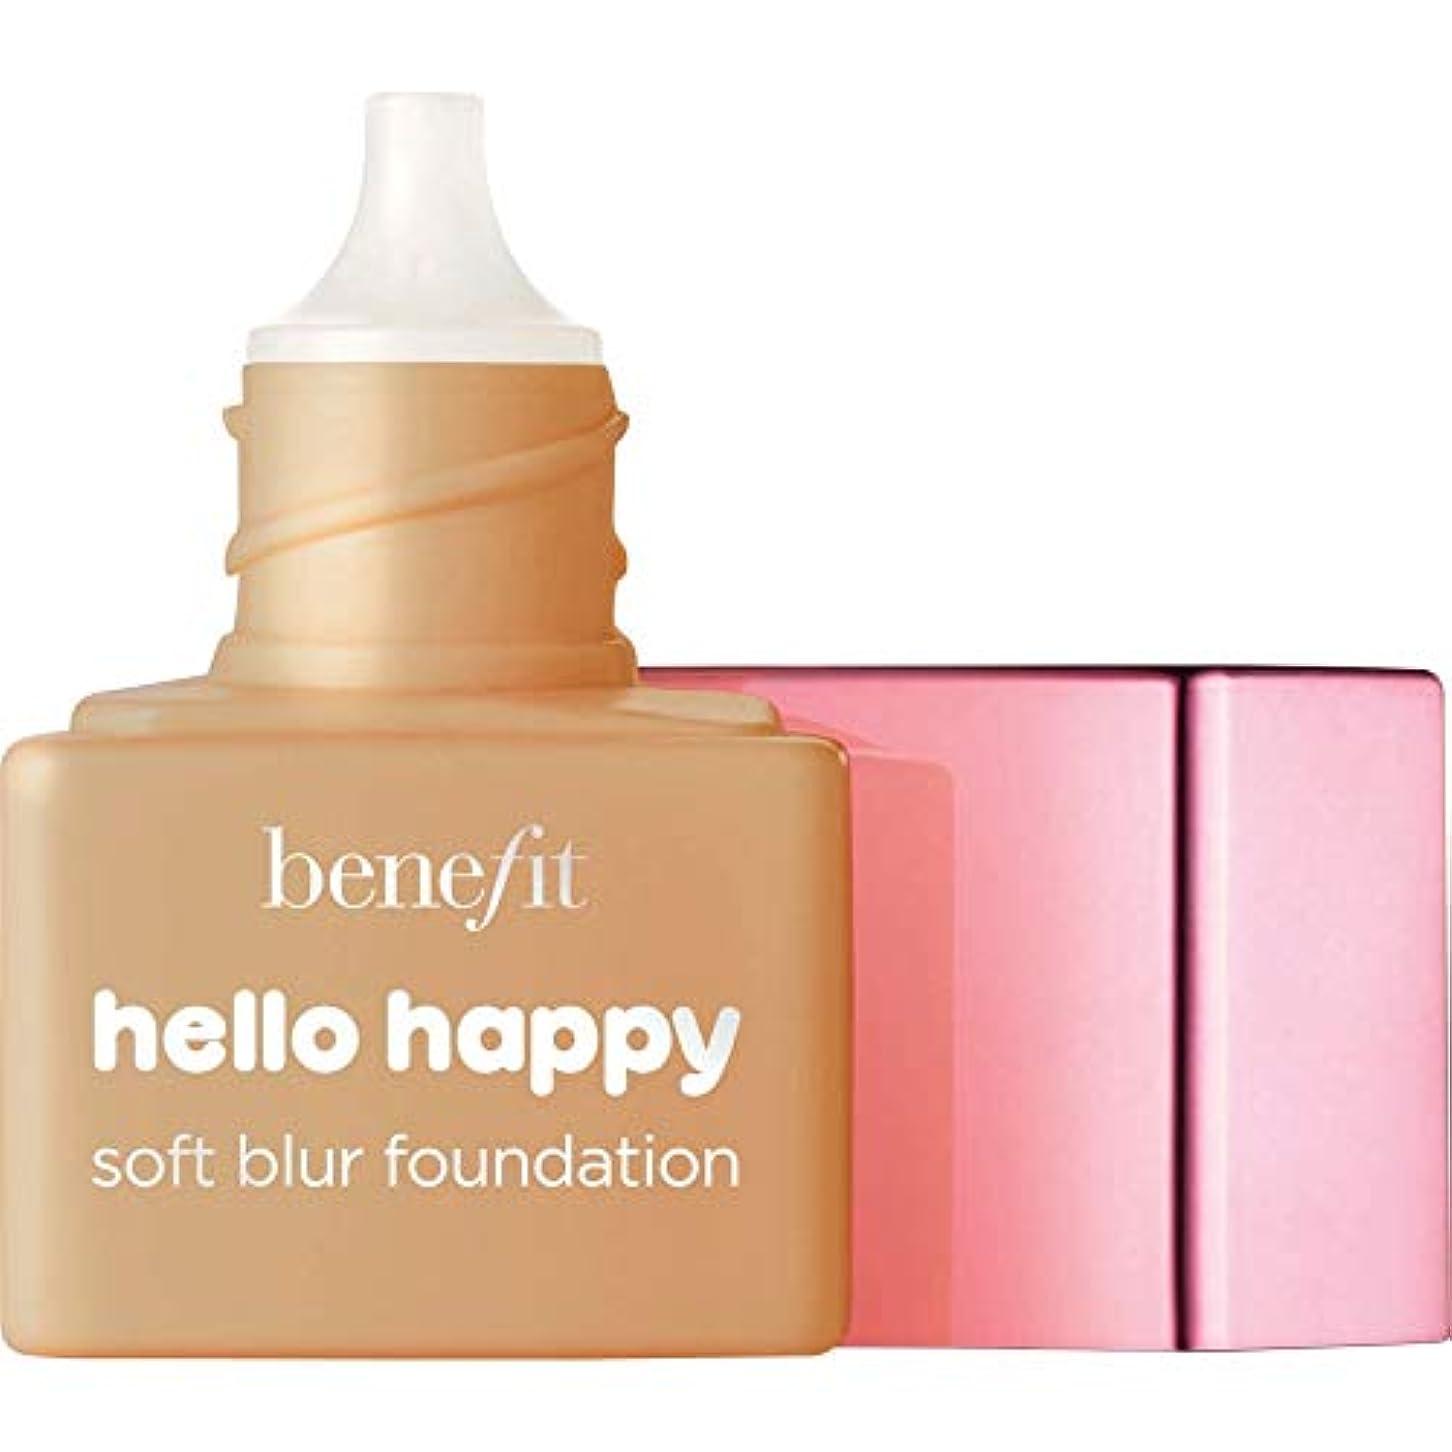 次素晴らしいですいらいらする[Benefit] ミニ6 - - こんにちは幸せソフトブラー基礎Spf15の6ミリリットルの利益温培地 - Benefit Hello Happy Soft Blur Foundation SPF15 6ml - Mini...